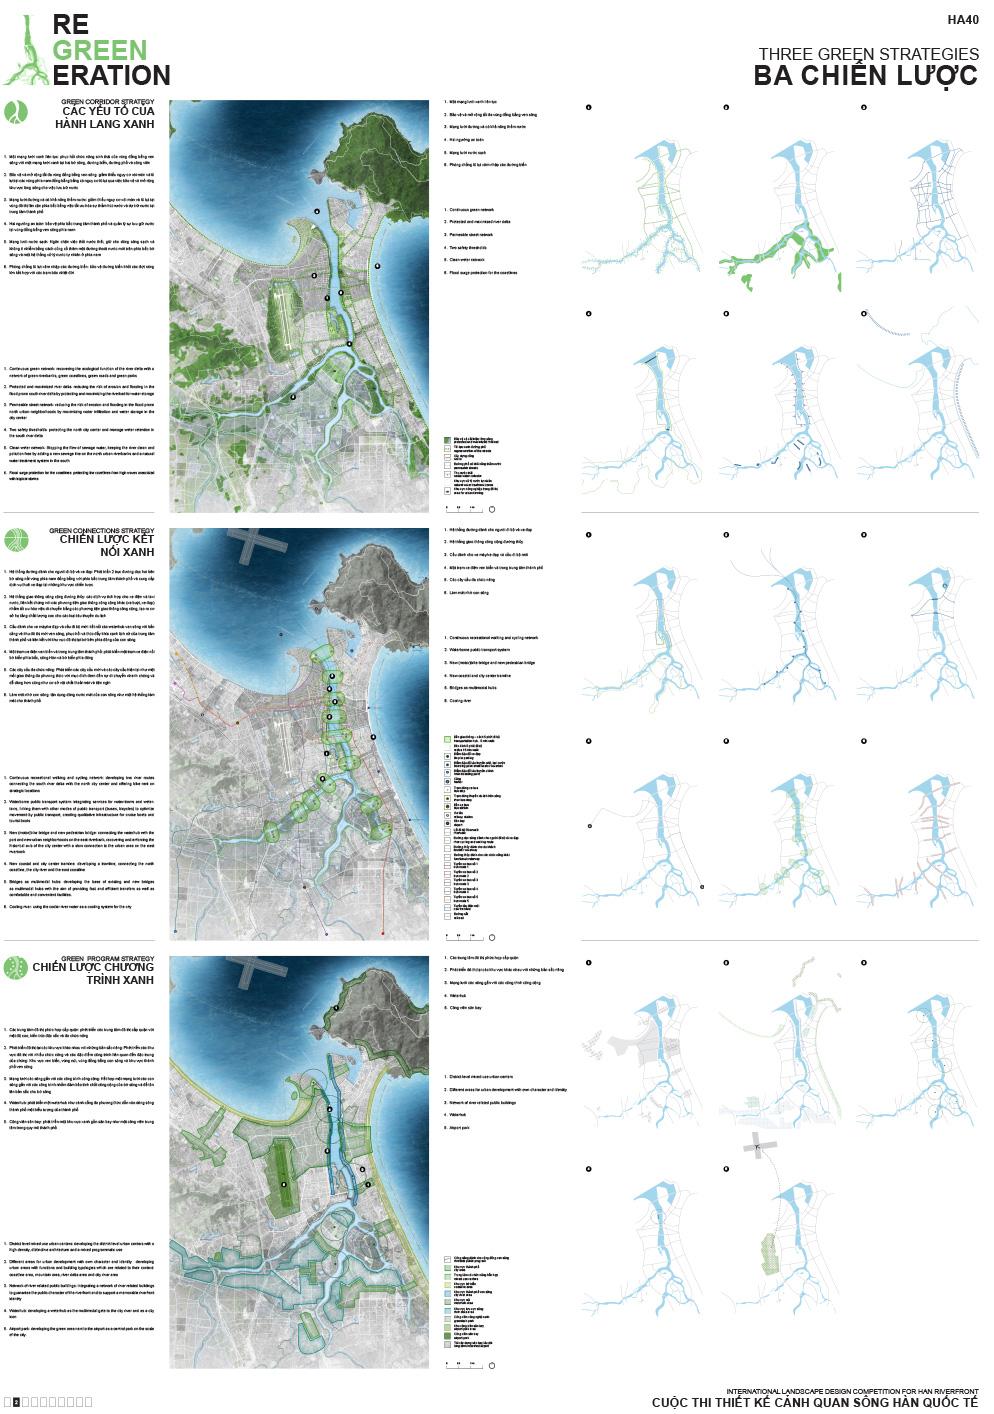 ha40_pdf_003_panels_a0_-2